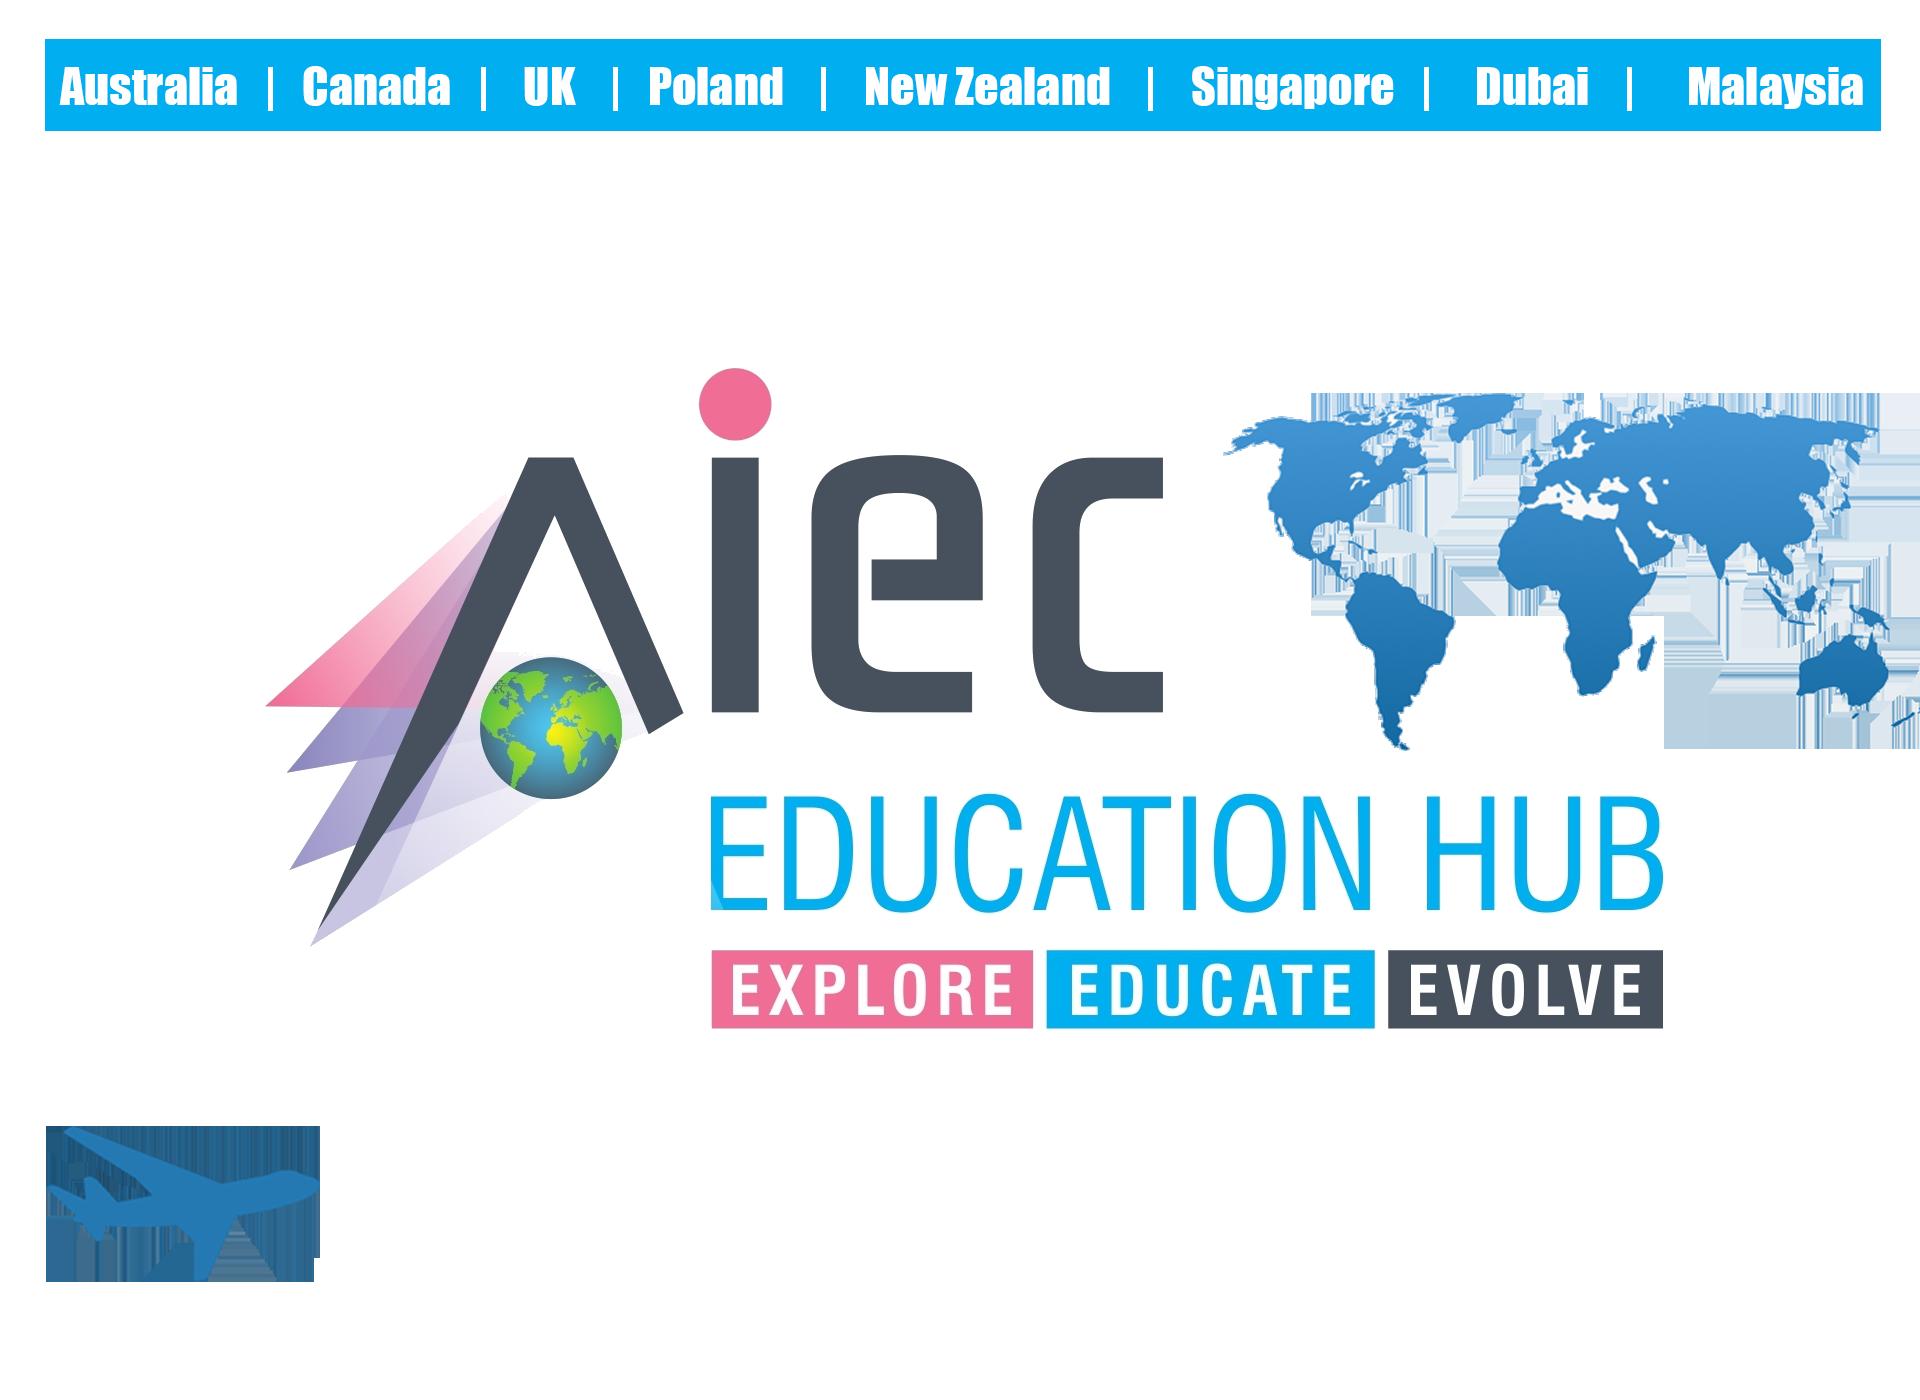 About AIEC